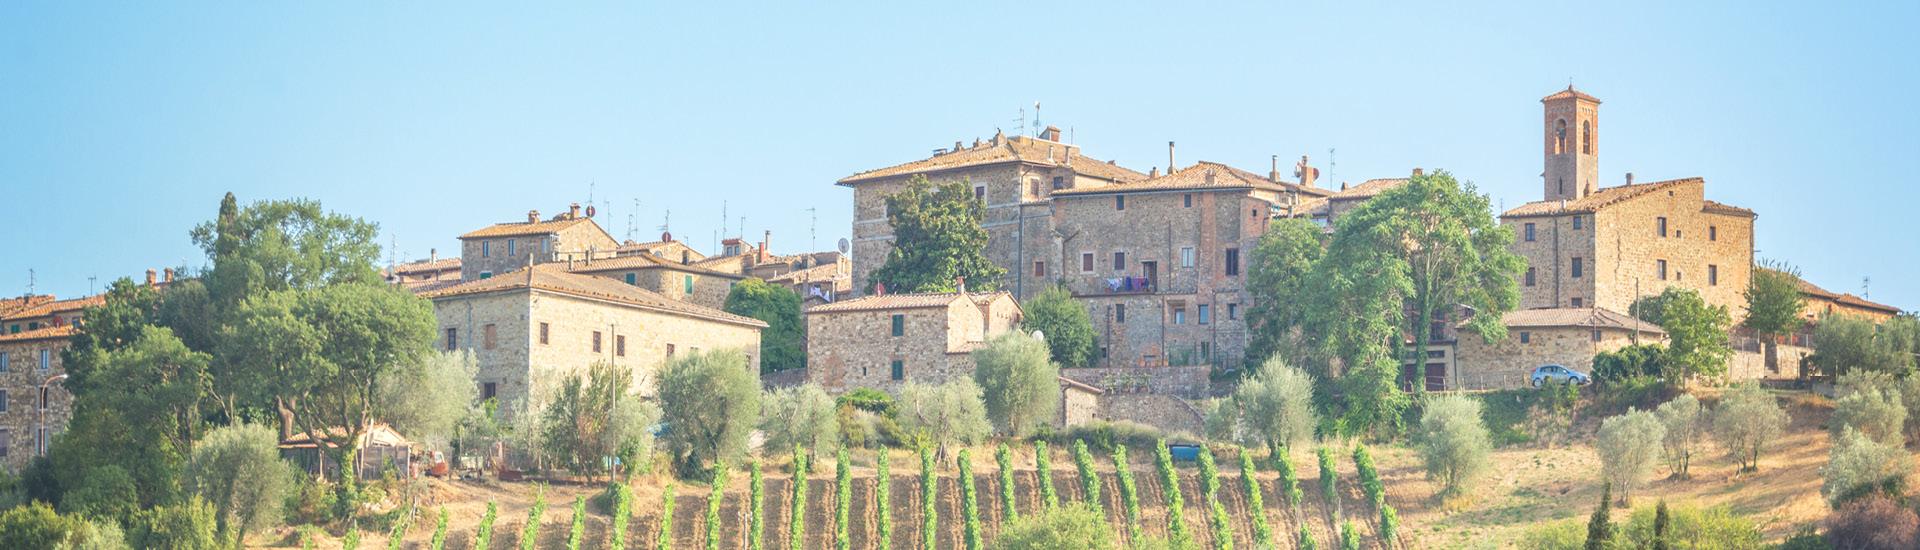 Weine - Brunello di Montalcino - Spitzenweine aus dem TOP-Jahrgang 2015 04/2020 - Slider